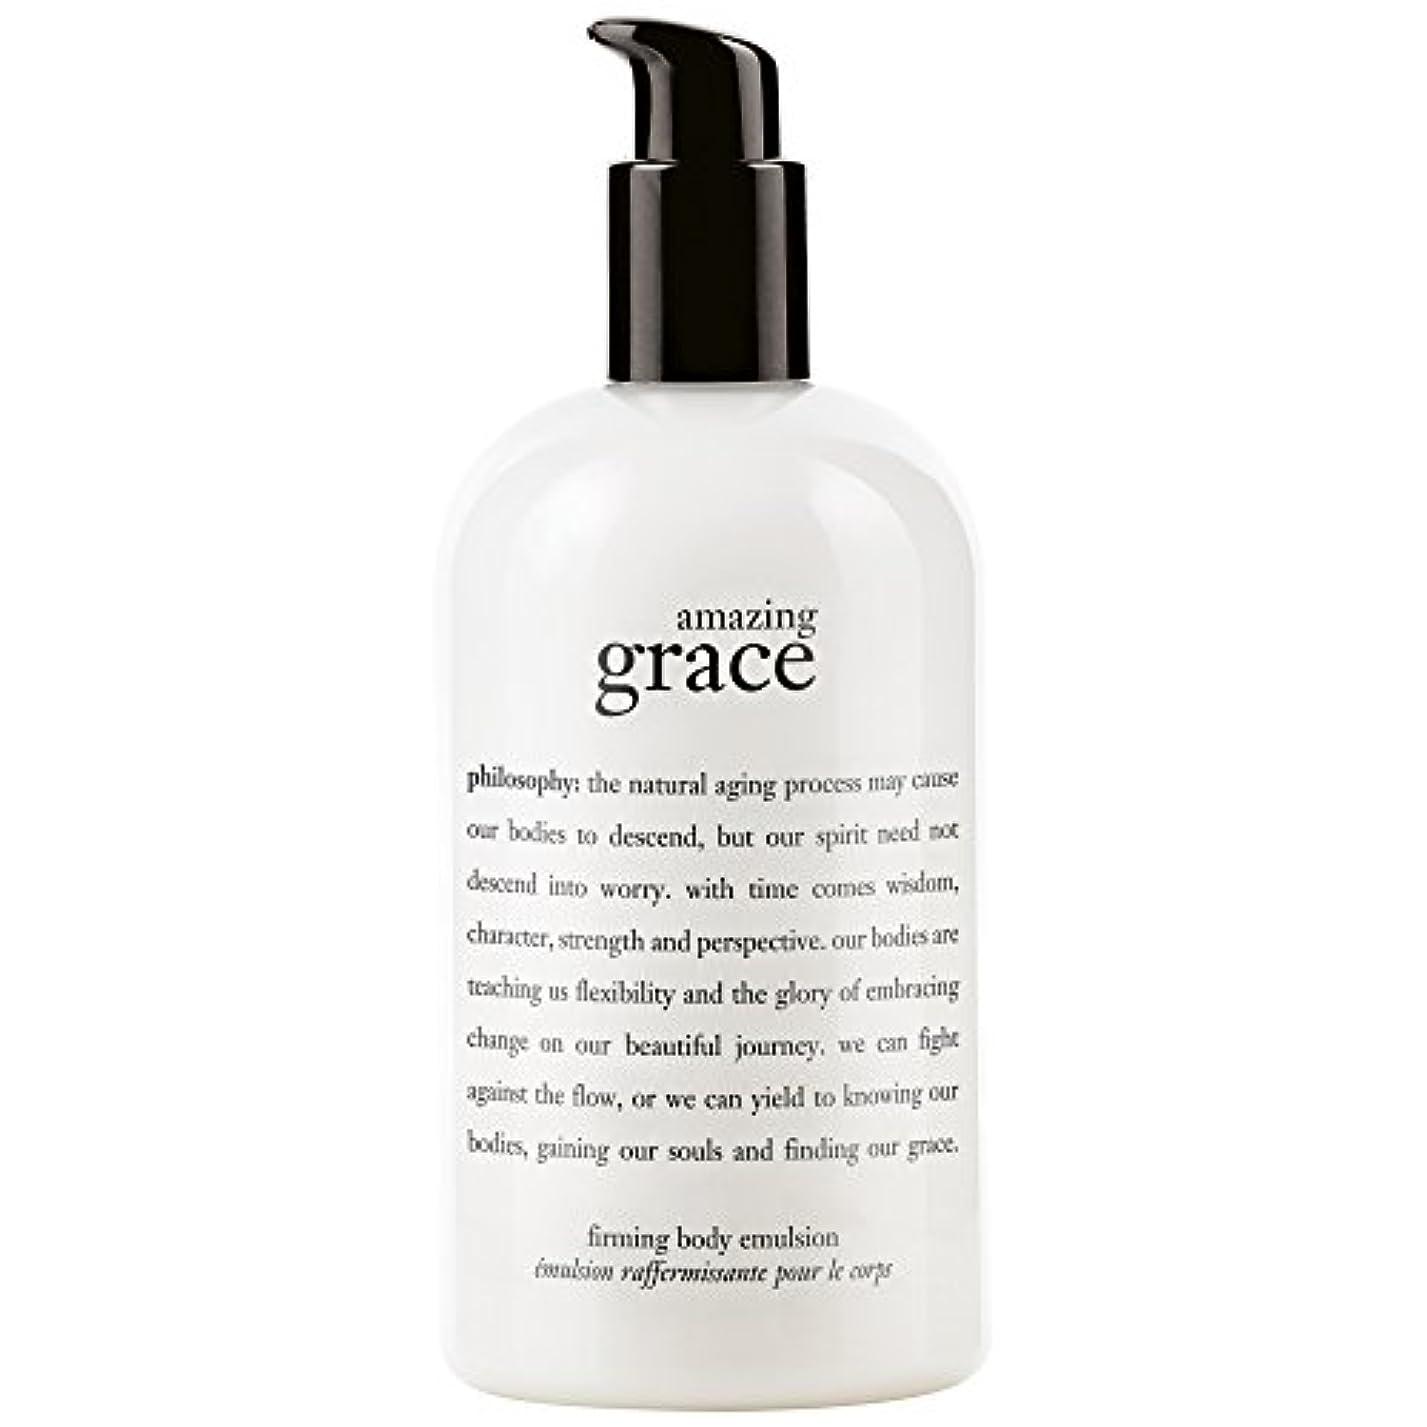 ローズクレーン誰が哲学驚くべき恵み引き締めボディエマルジョン480ミリリットル (Philosophy) (x6) - Philosophy Amazing Grace Firming Body Emulsion 480ml (Pack...